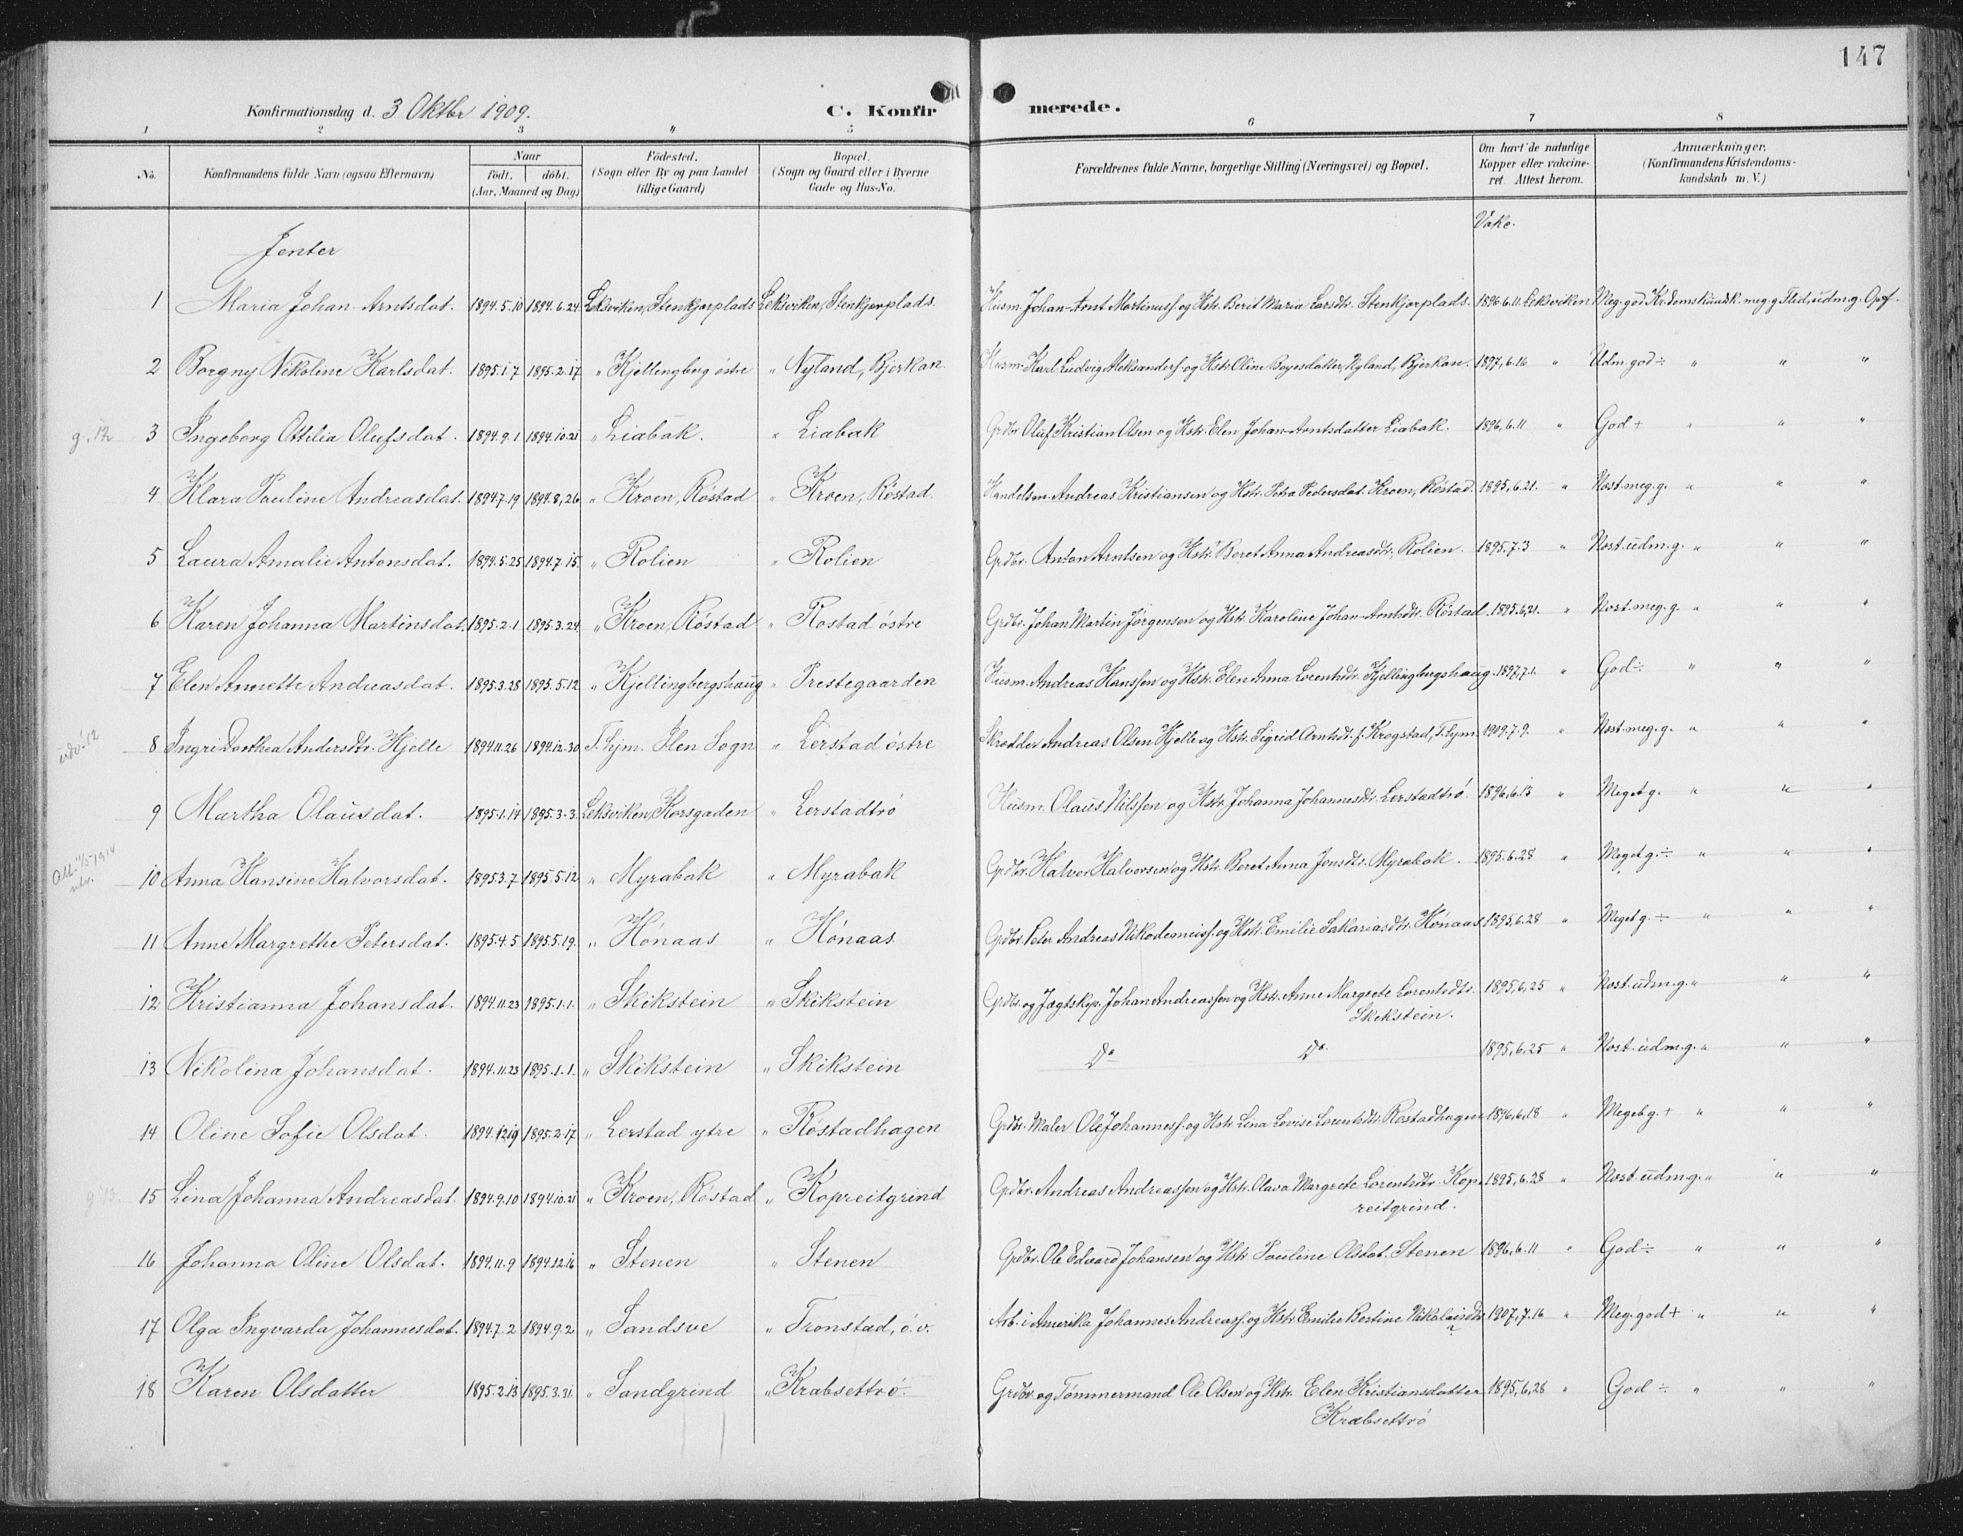 SAT, Ministerialprotokoller, klokkerbøker og fødselsregistre - Nord-Trøndelag, 701/L0011: Parish register (official) no. 701A11, 1899-1915, p. 147